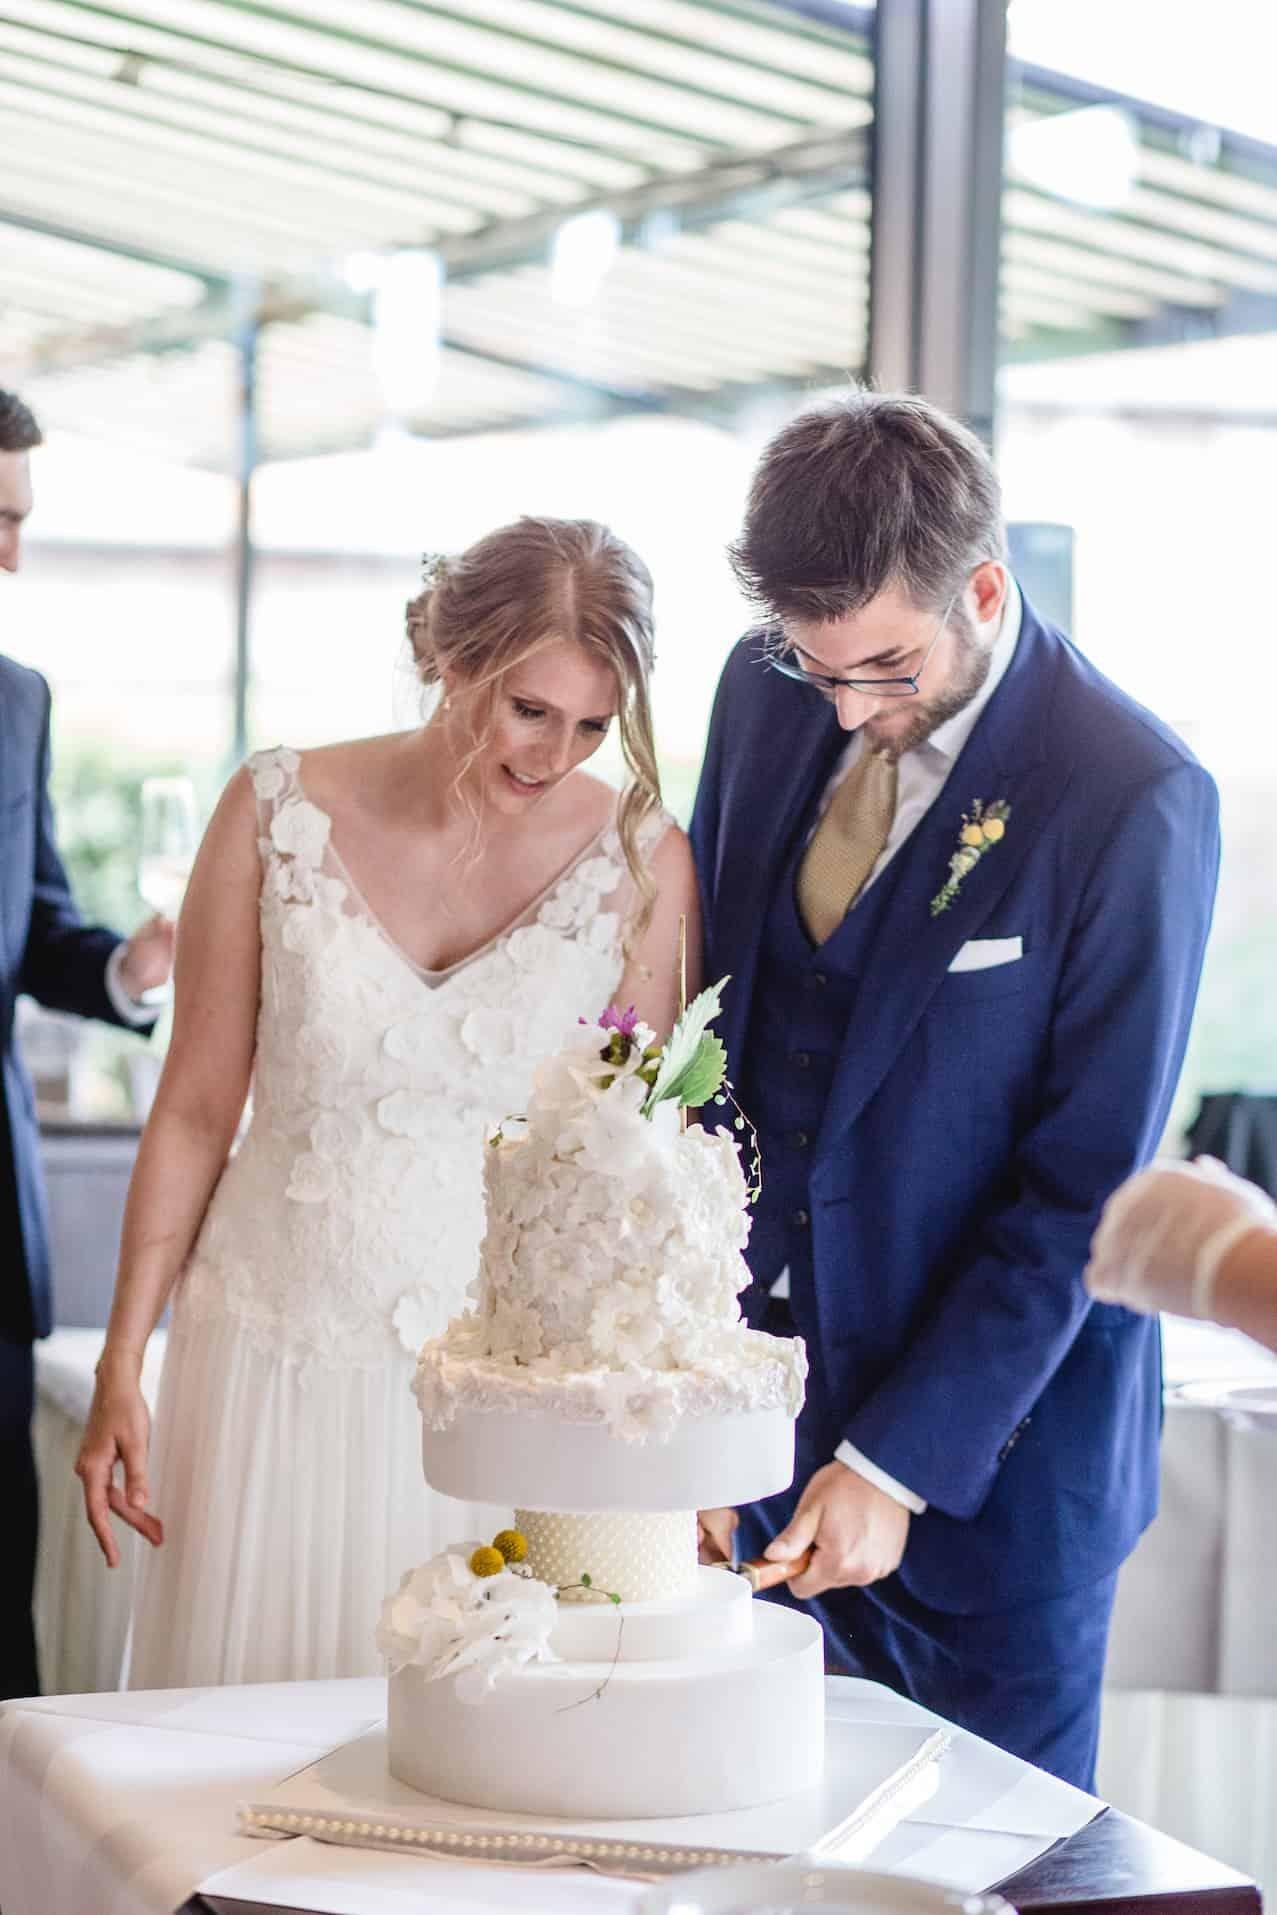 Hochzeit von Laura und Marco in Münster: Brautpaar schneidet gemeinsam die Hochzeitstorte an